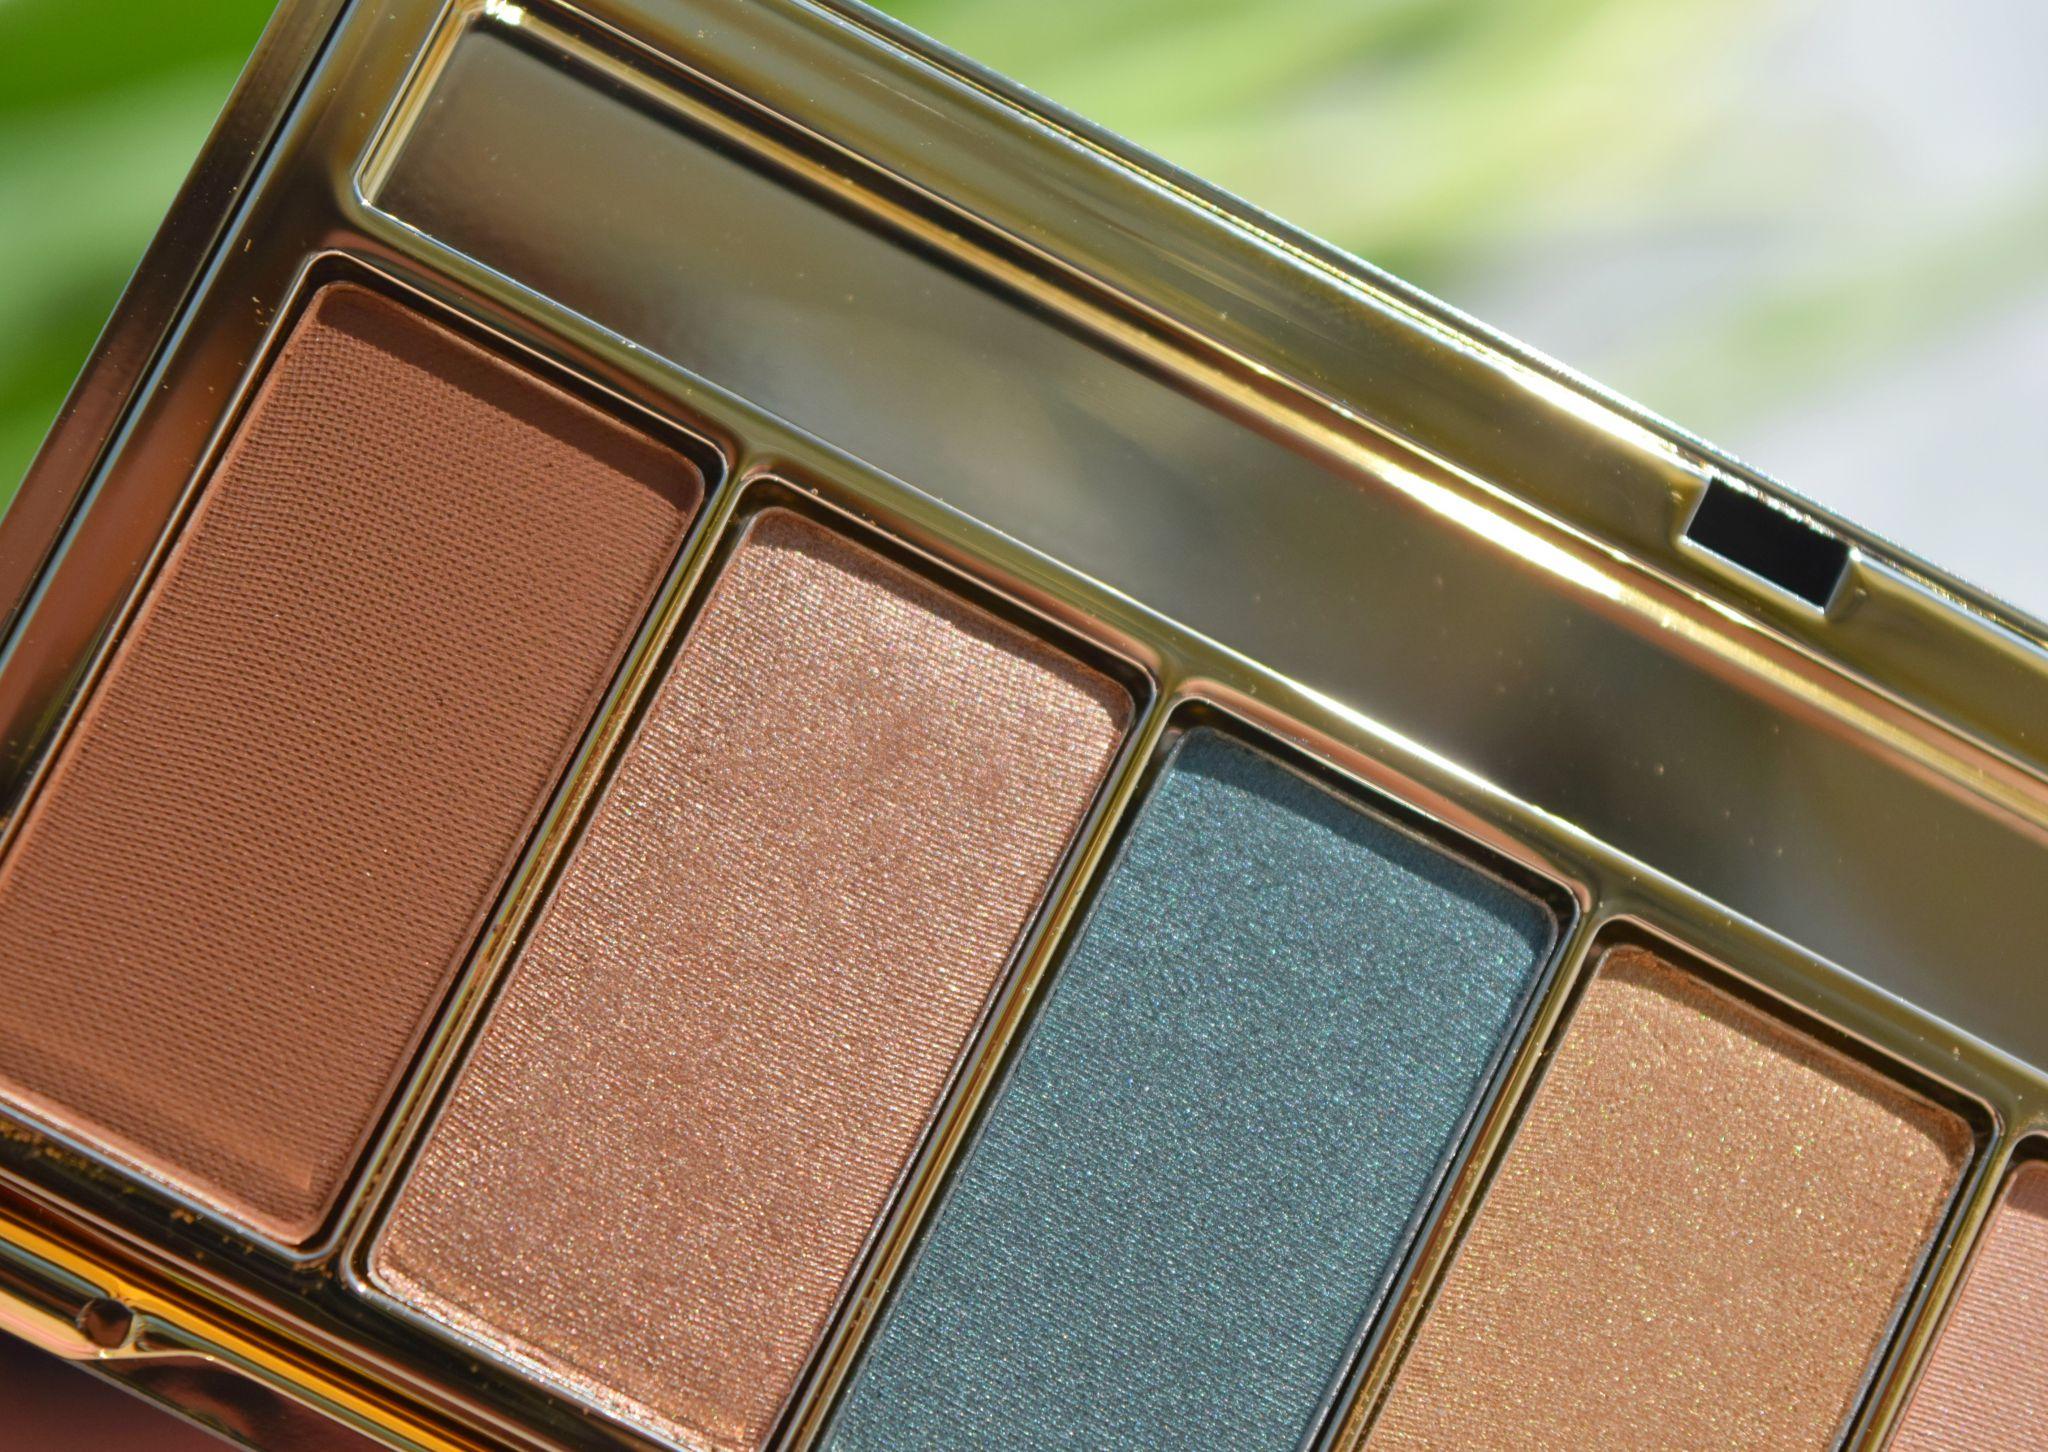 Estee Lauder Bronze Goddess Summer Glow Eyeshadow Palette 5